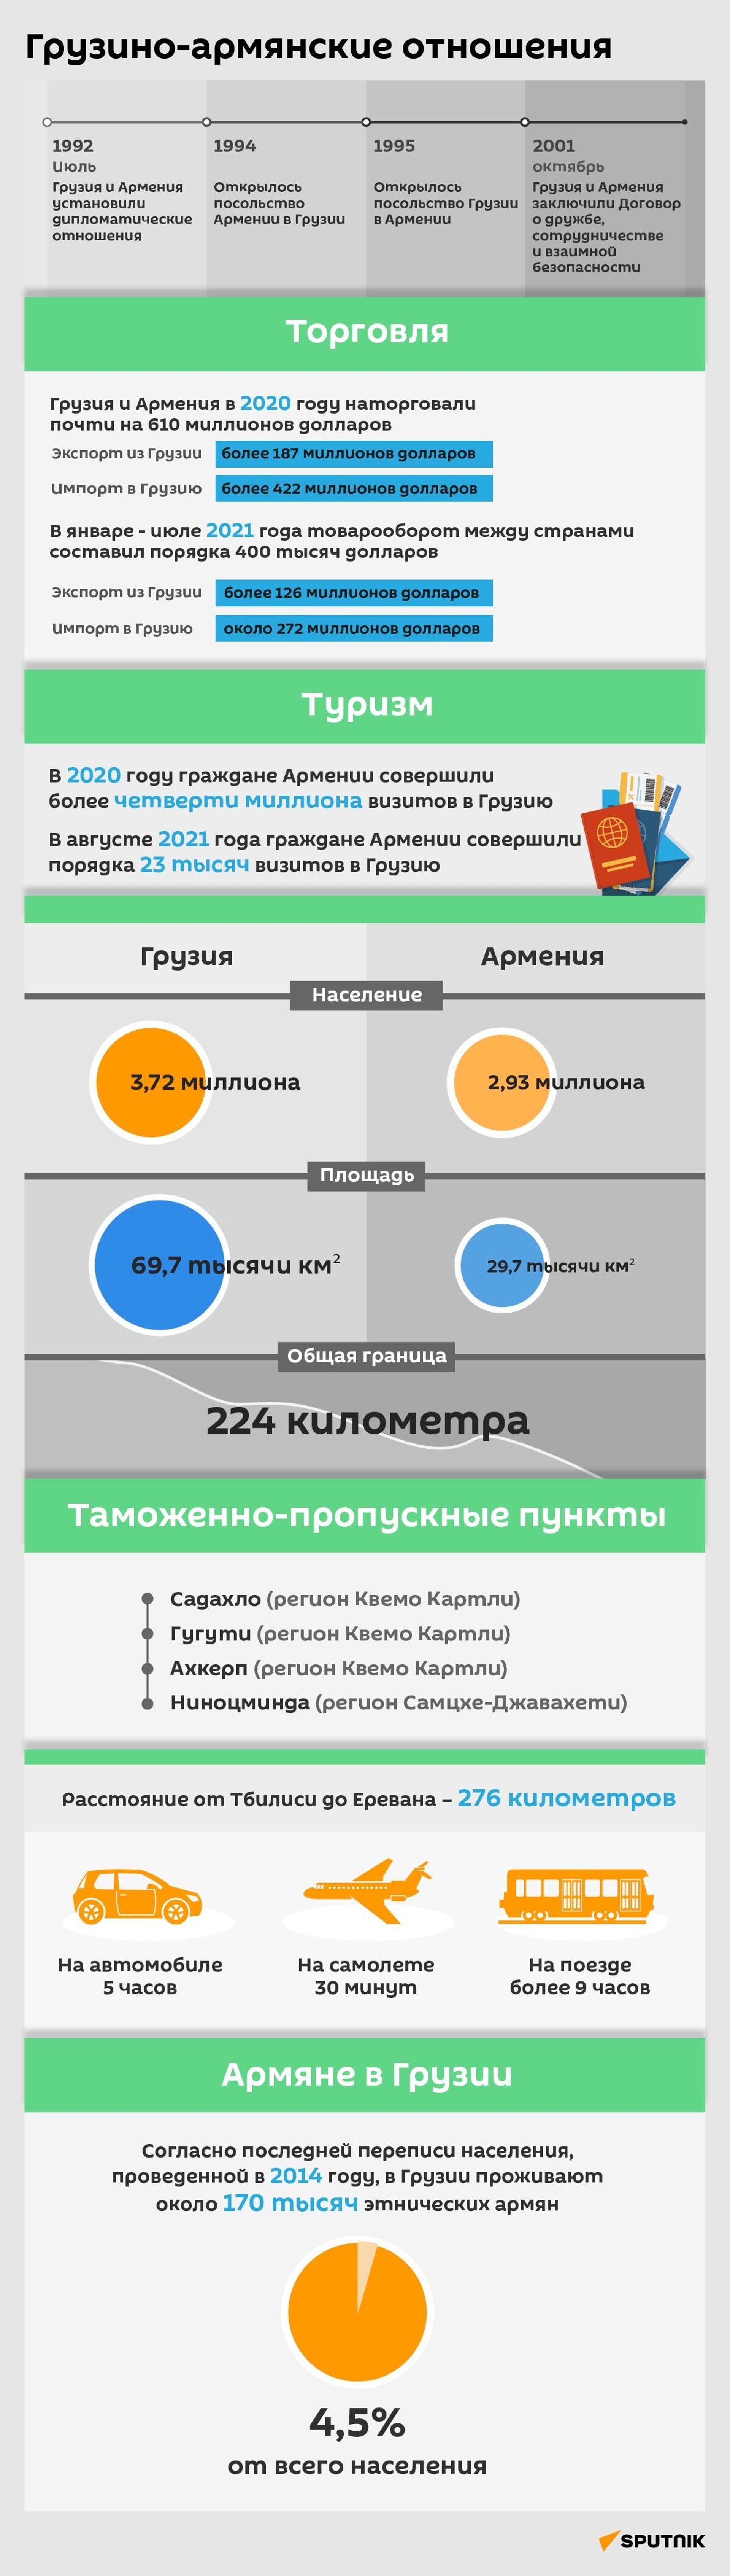 Грузино-армянские отношения 2021 - инфографика - Sputnik Грузия, 1920, 08.09.2021